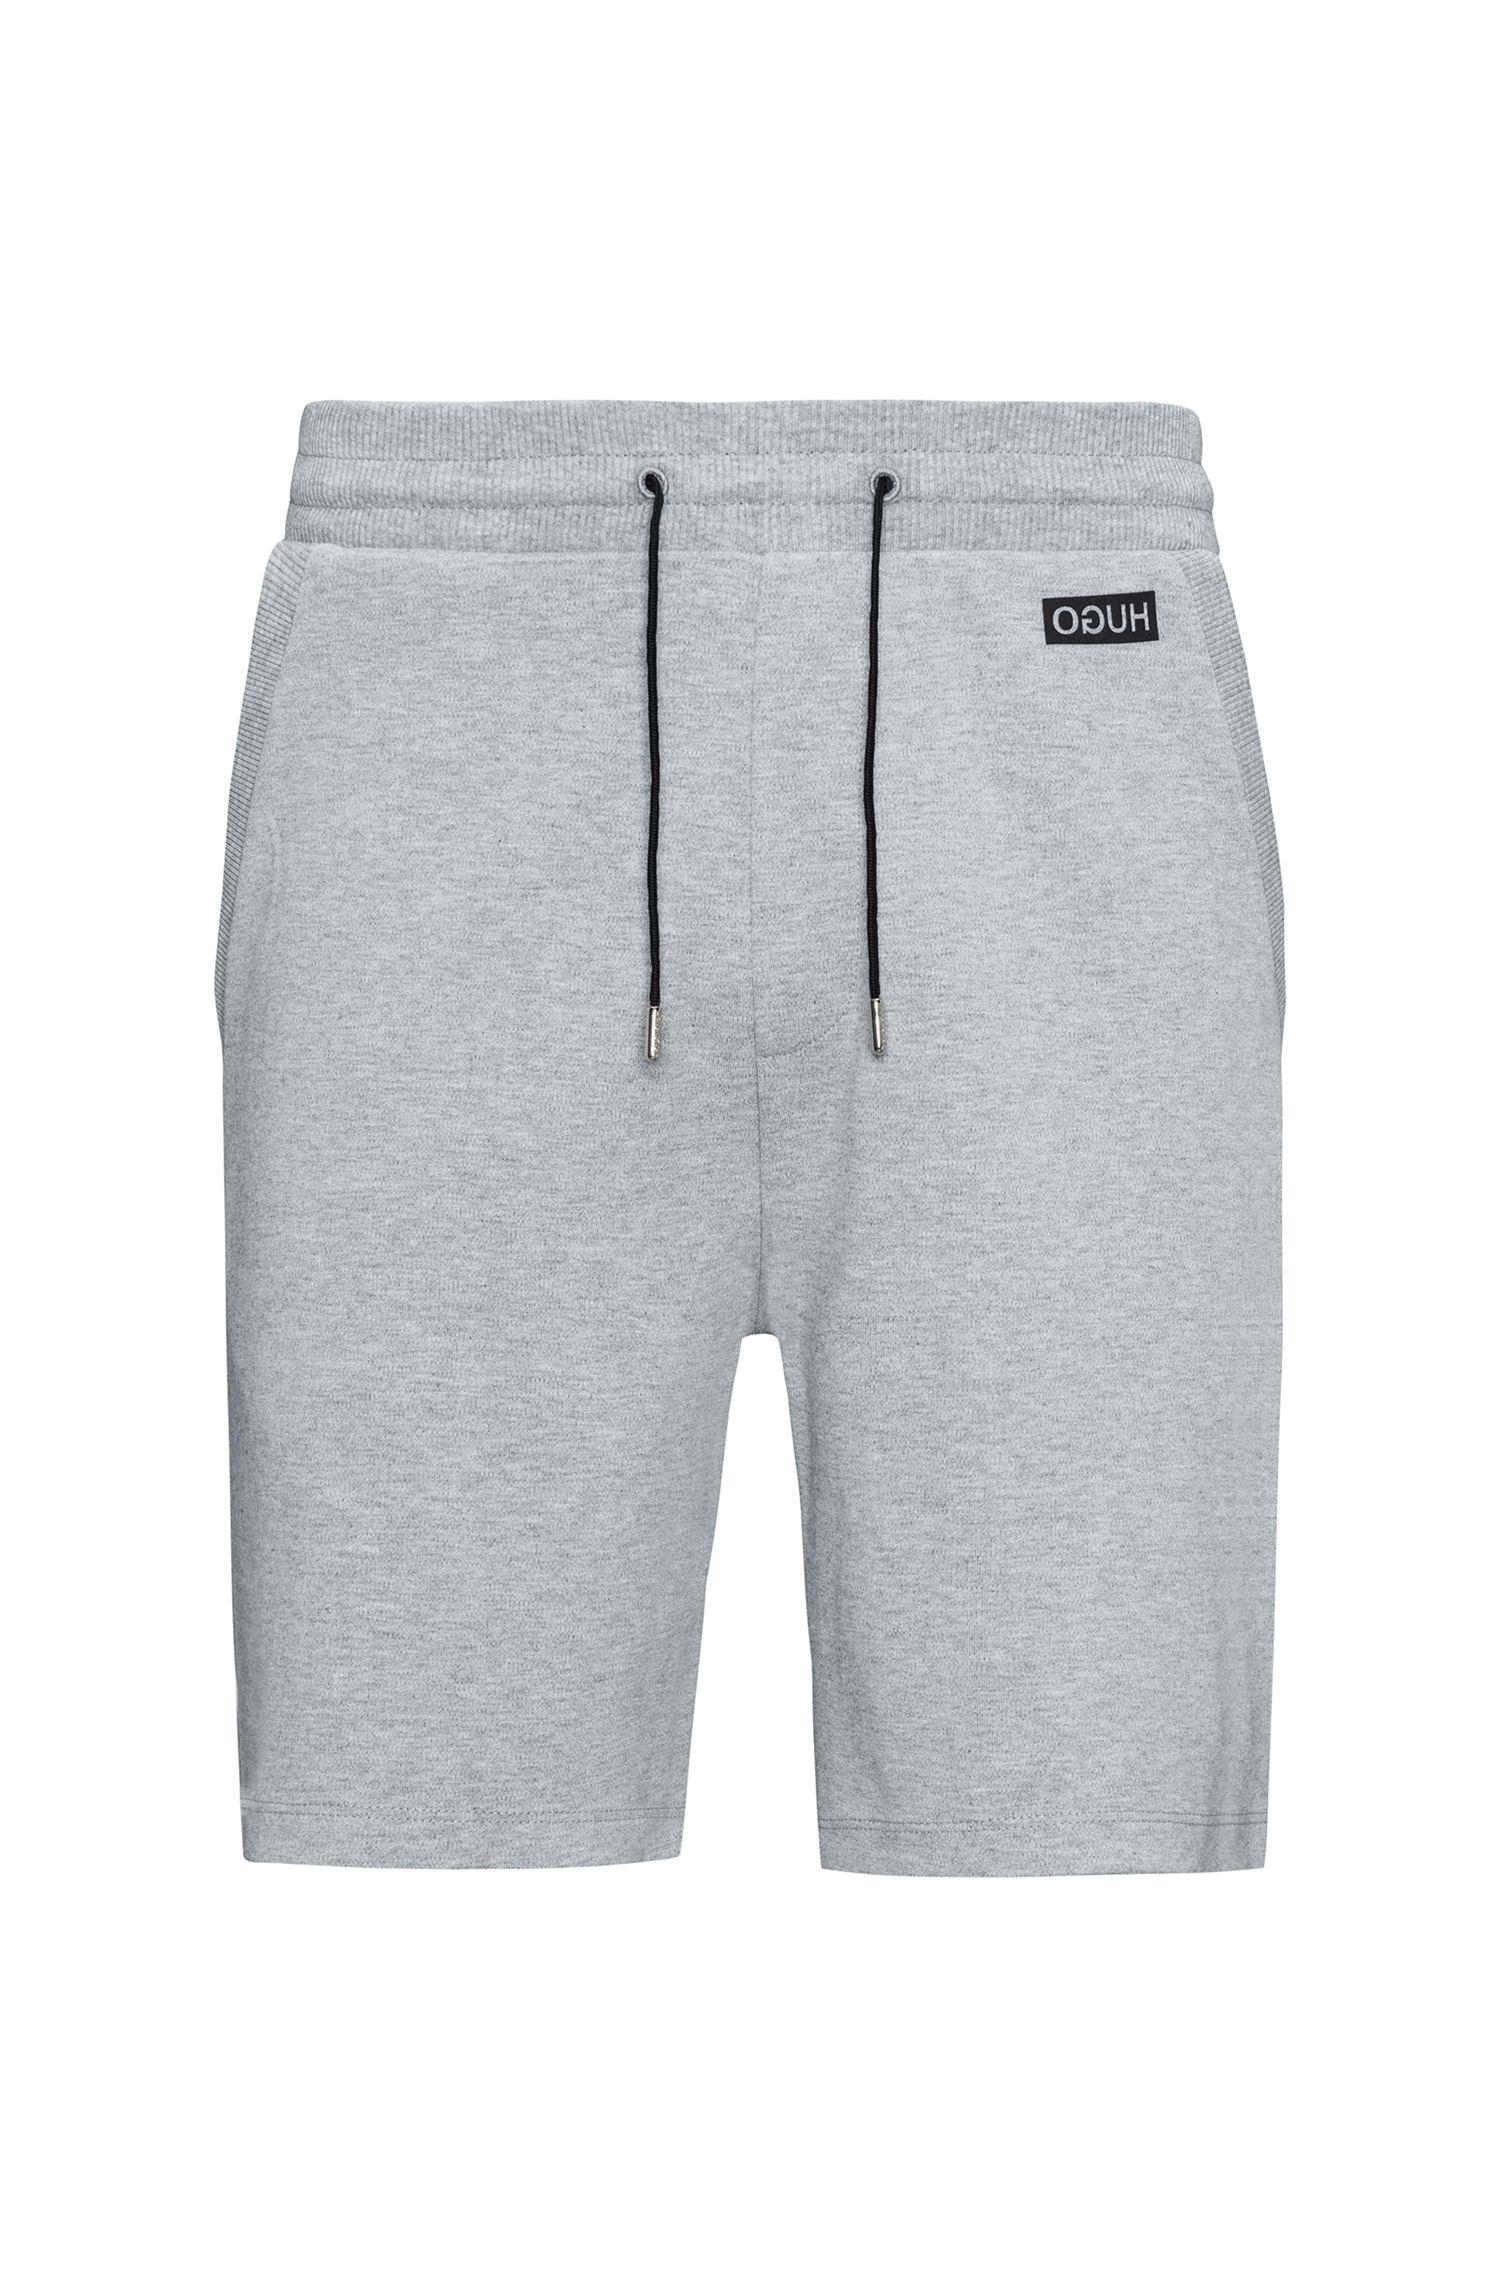 Shorts con cordón confeccionados en algodón interlock